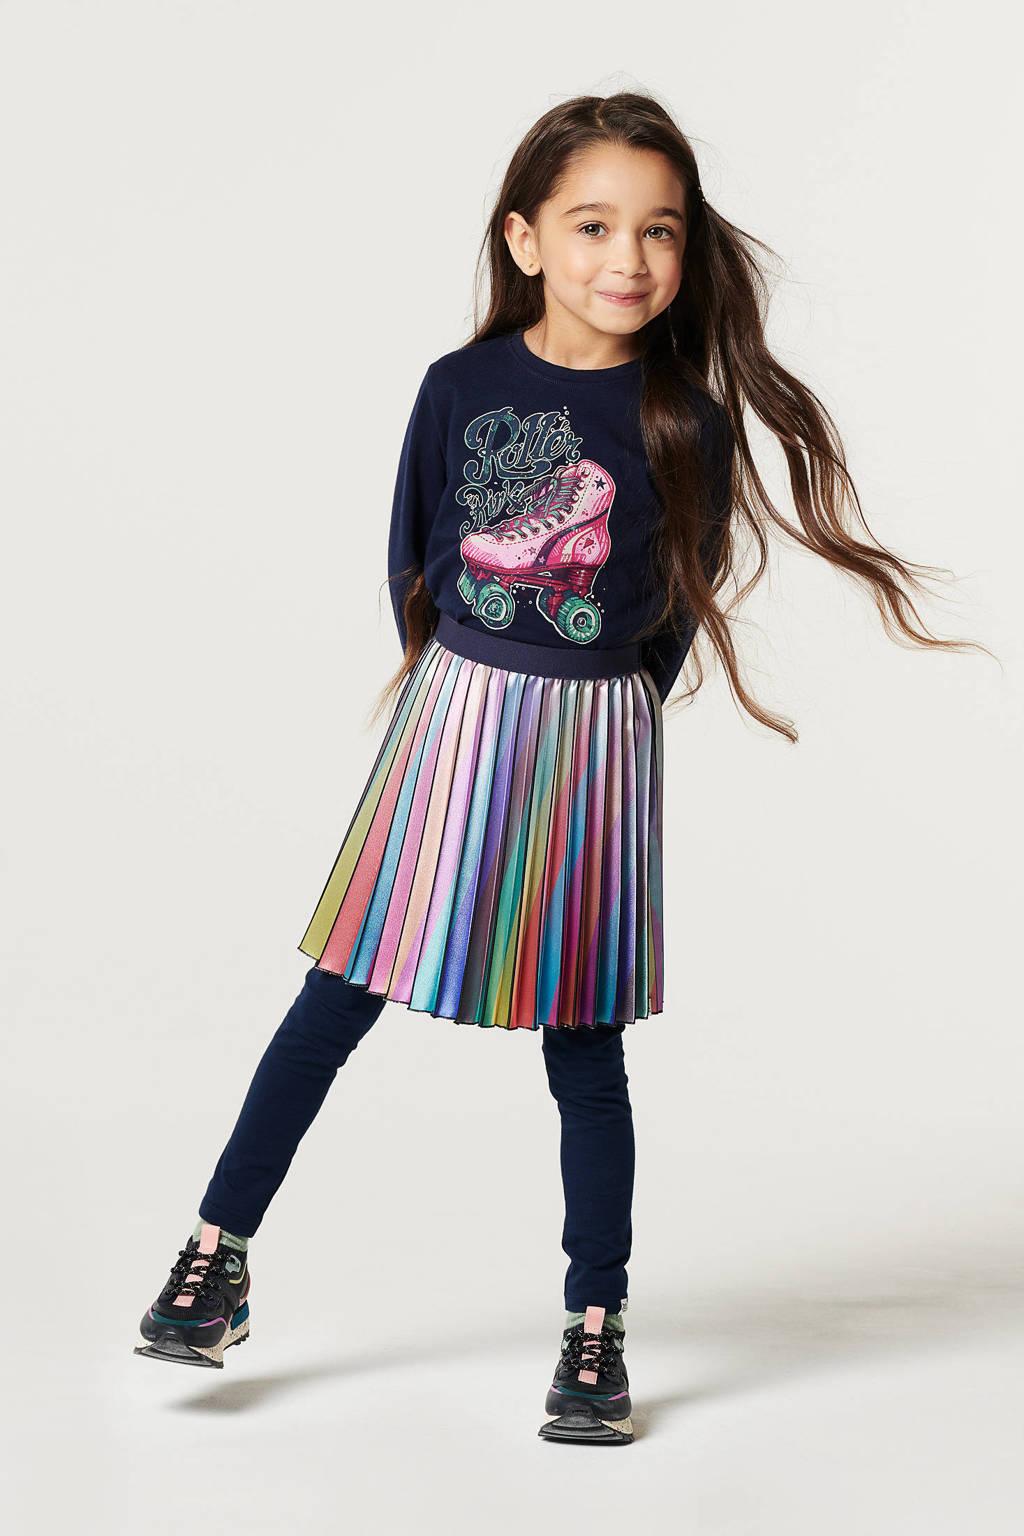 Noppies rok Braga donkerblauw/paars/geel/groen/rood, Donkerblauw/paars/geel/groen/rood